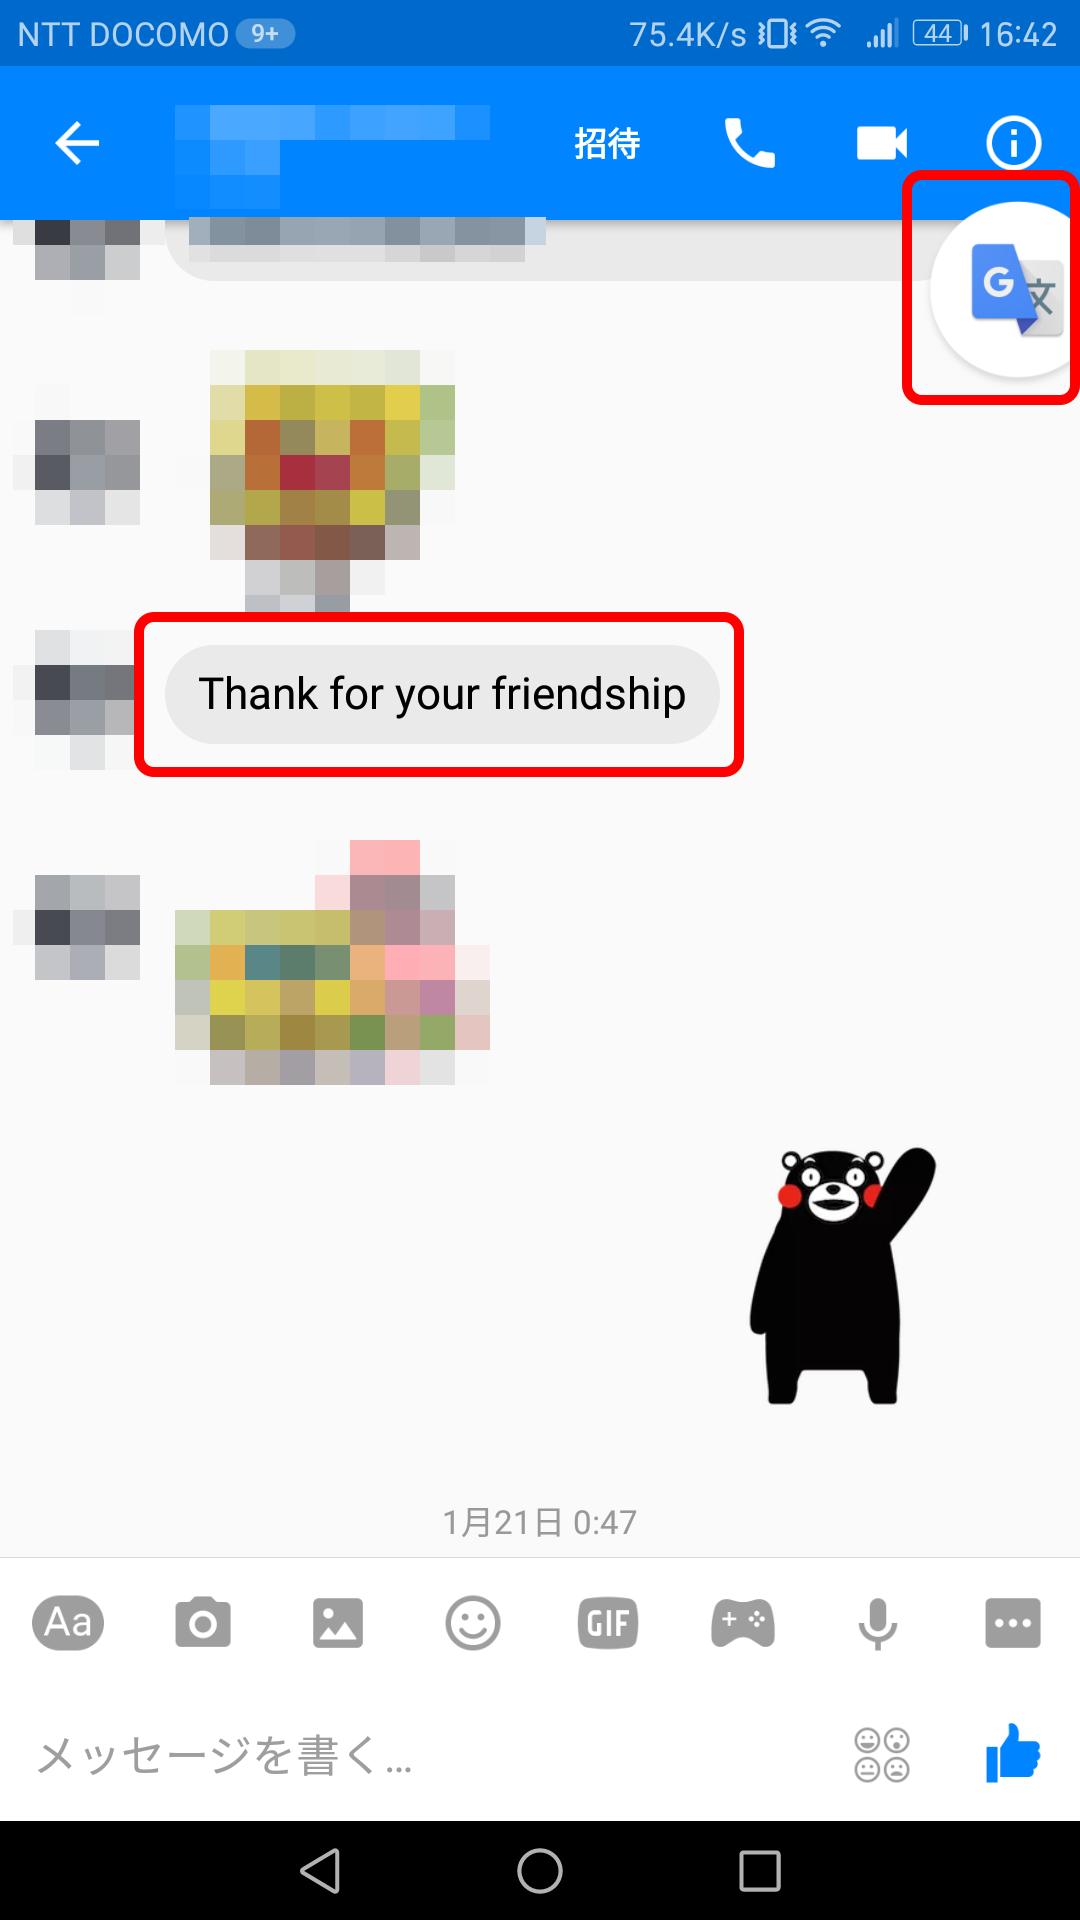 「タップして翻訳」をFacebookメッセンジャーで使う例です。意味を知りたいテキストを長押しします